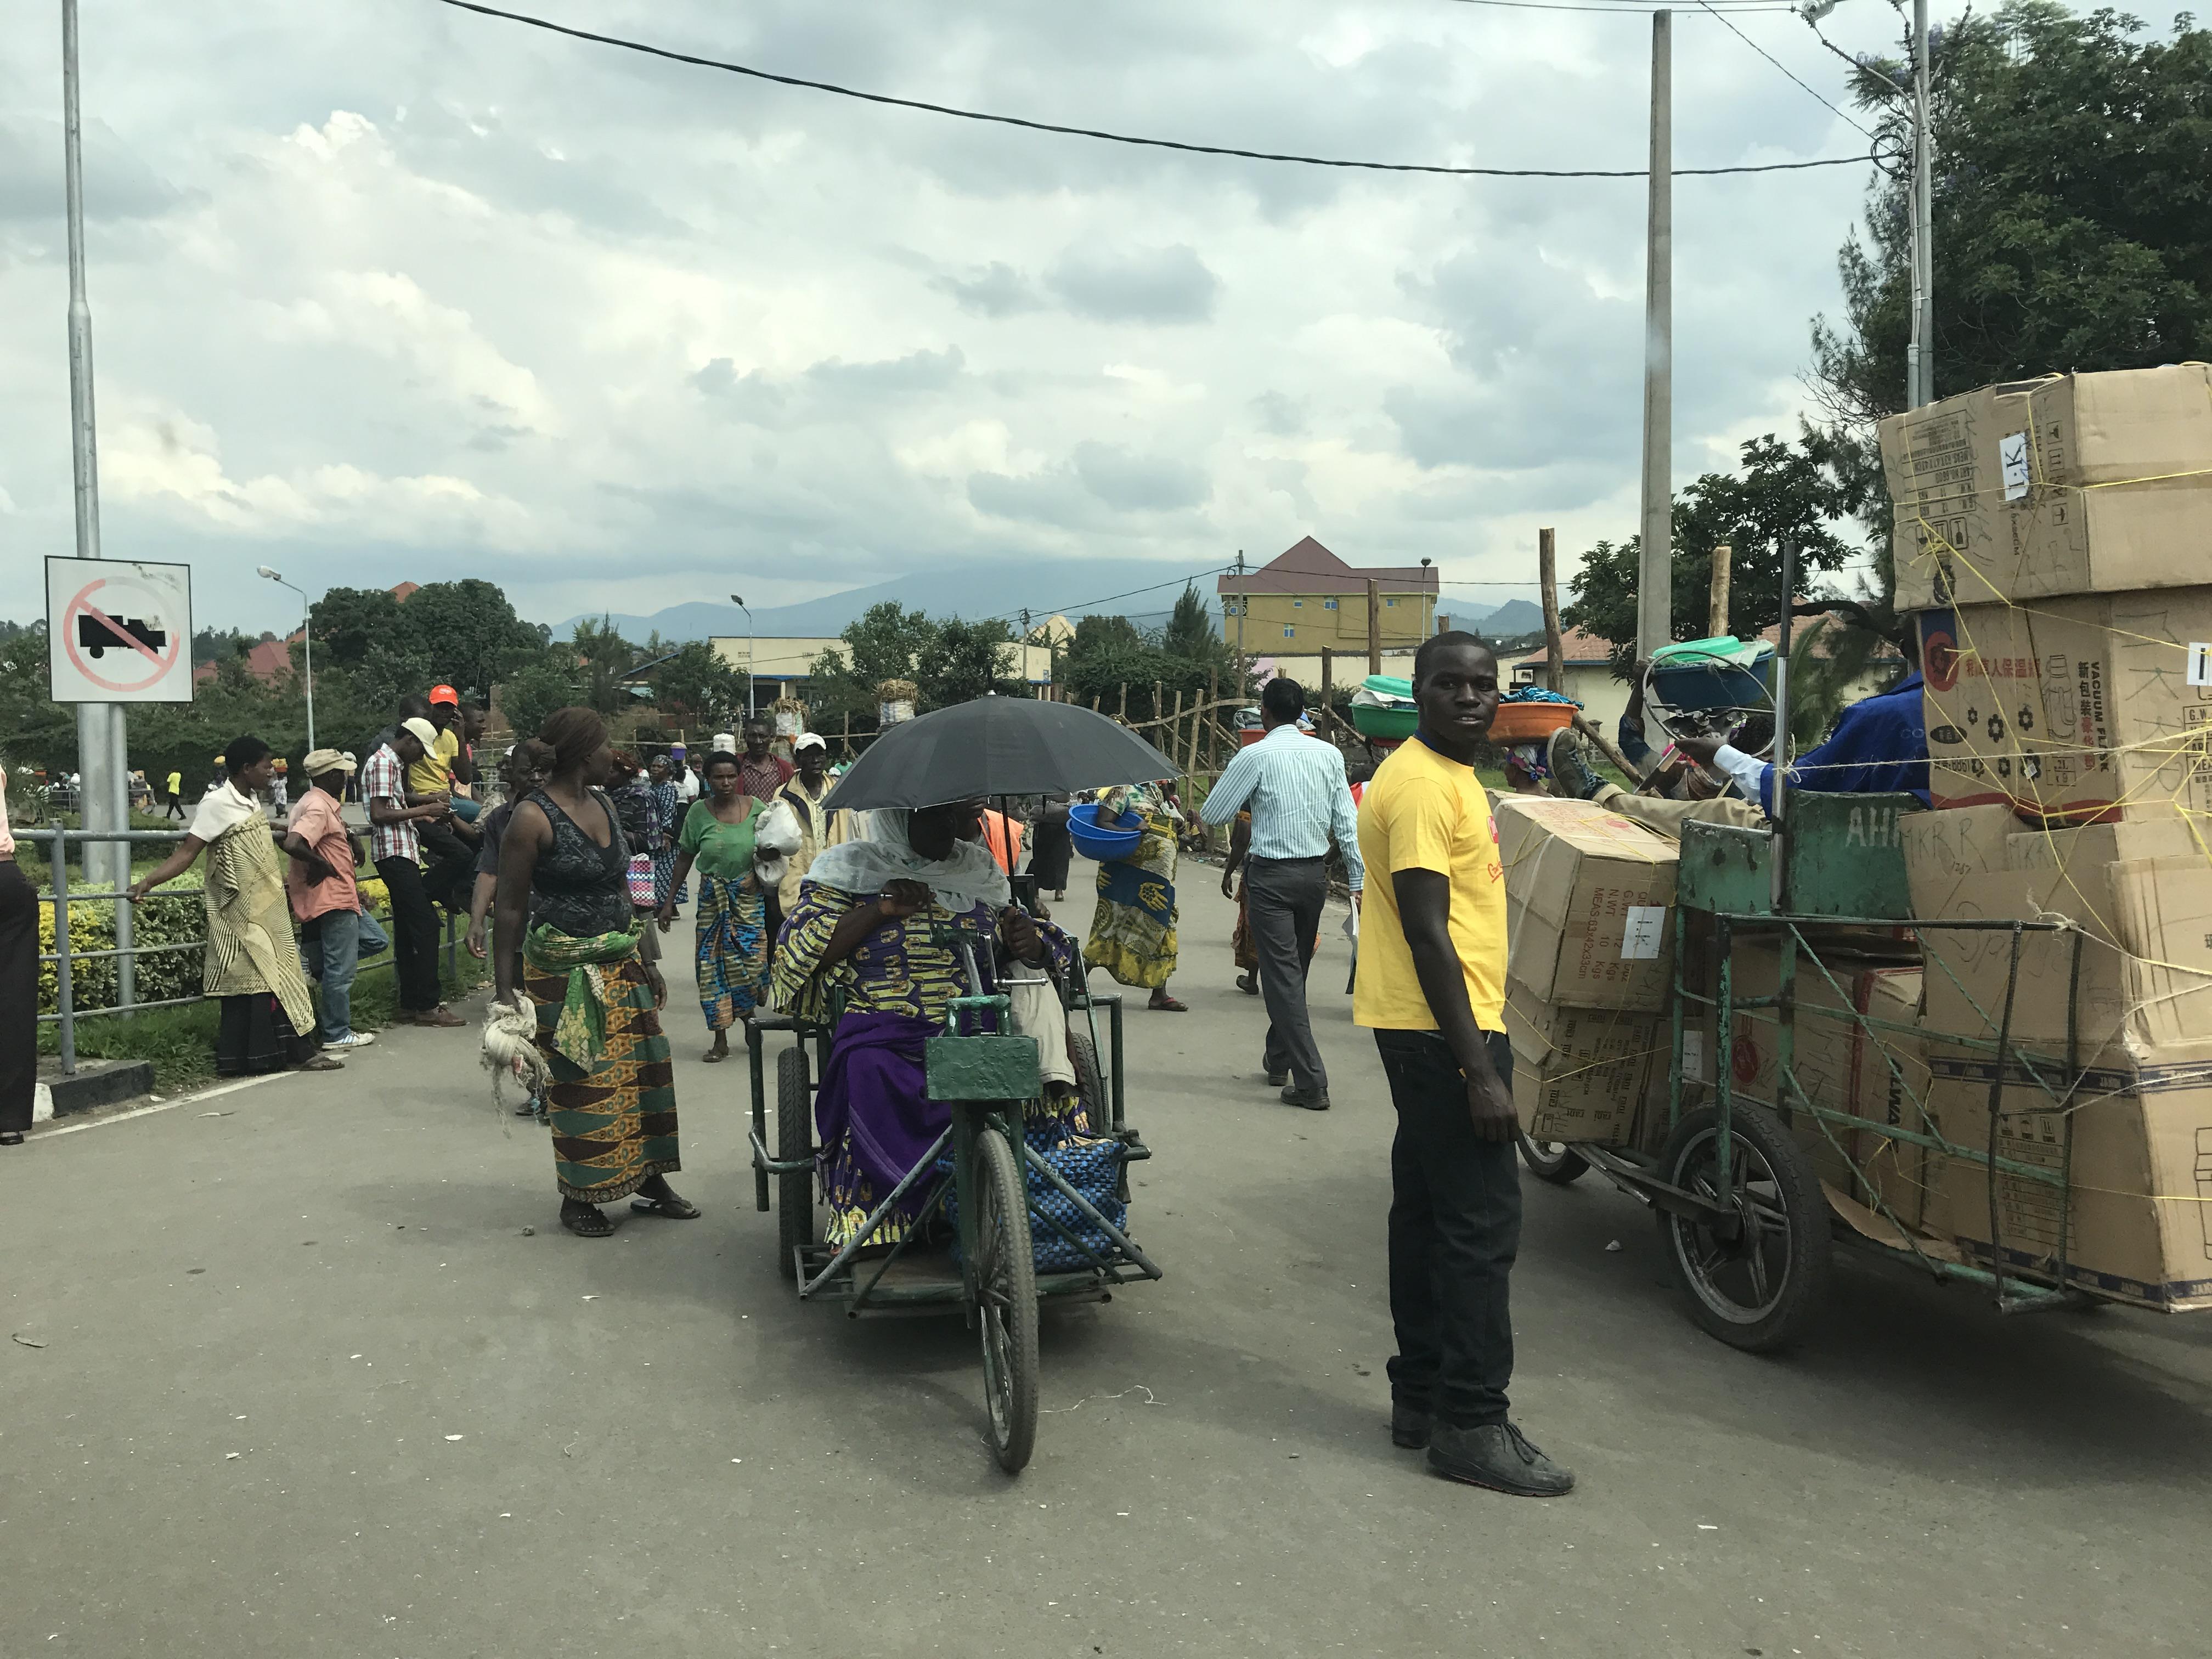 Ruandalaisnaisia- ja kauppiaita sekä työmiehiä palaamassa Ruandaan Kongon puolelta tavaroiden mentyä kaupaksi. Kuva: Matti Tervo.